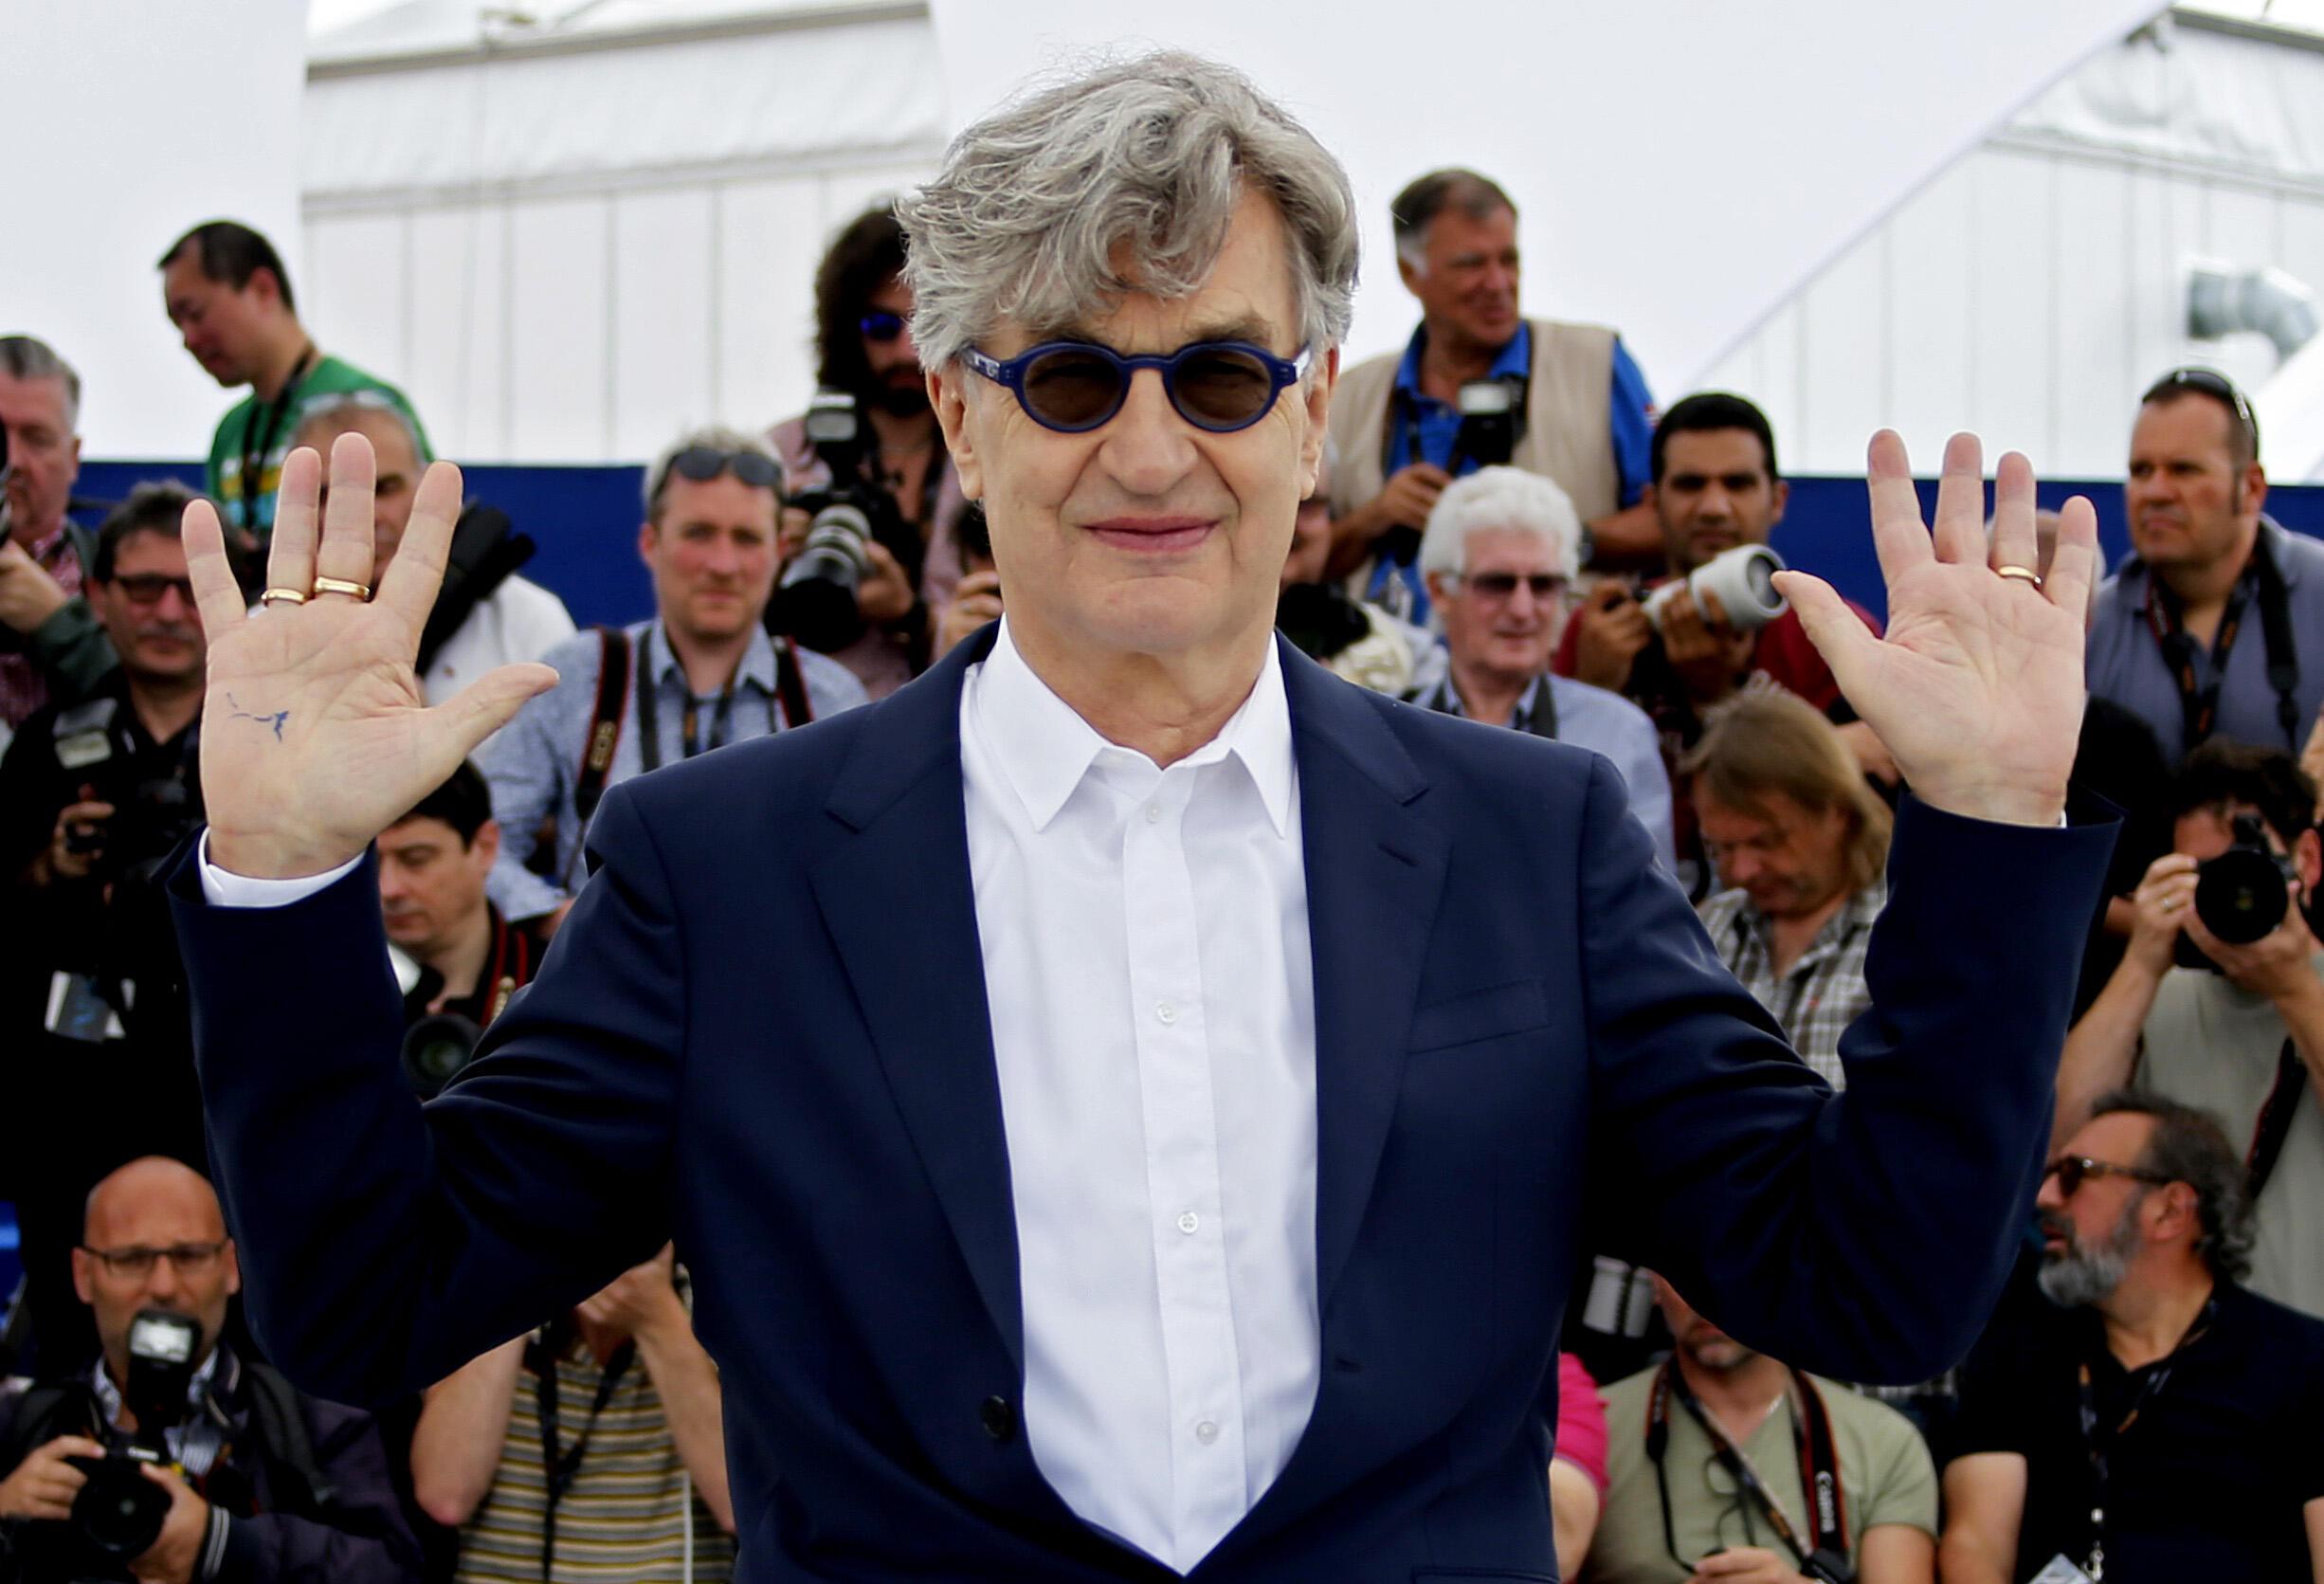 Вим Вендерс перед показом его фильма в Каннах 13 мая 2018 г.